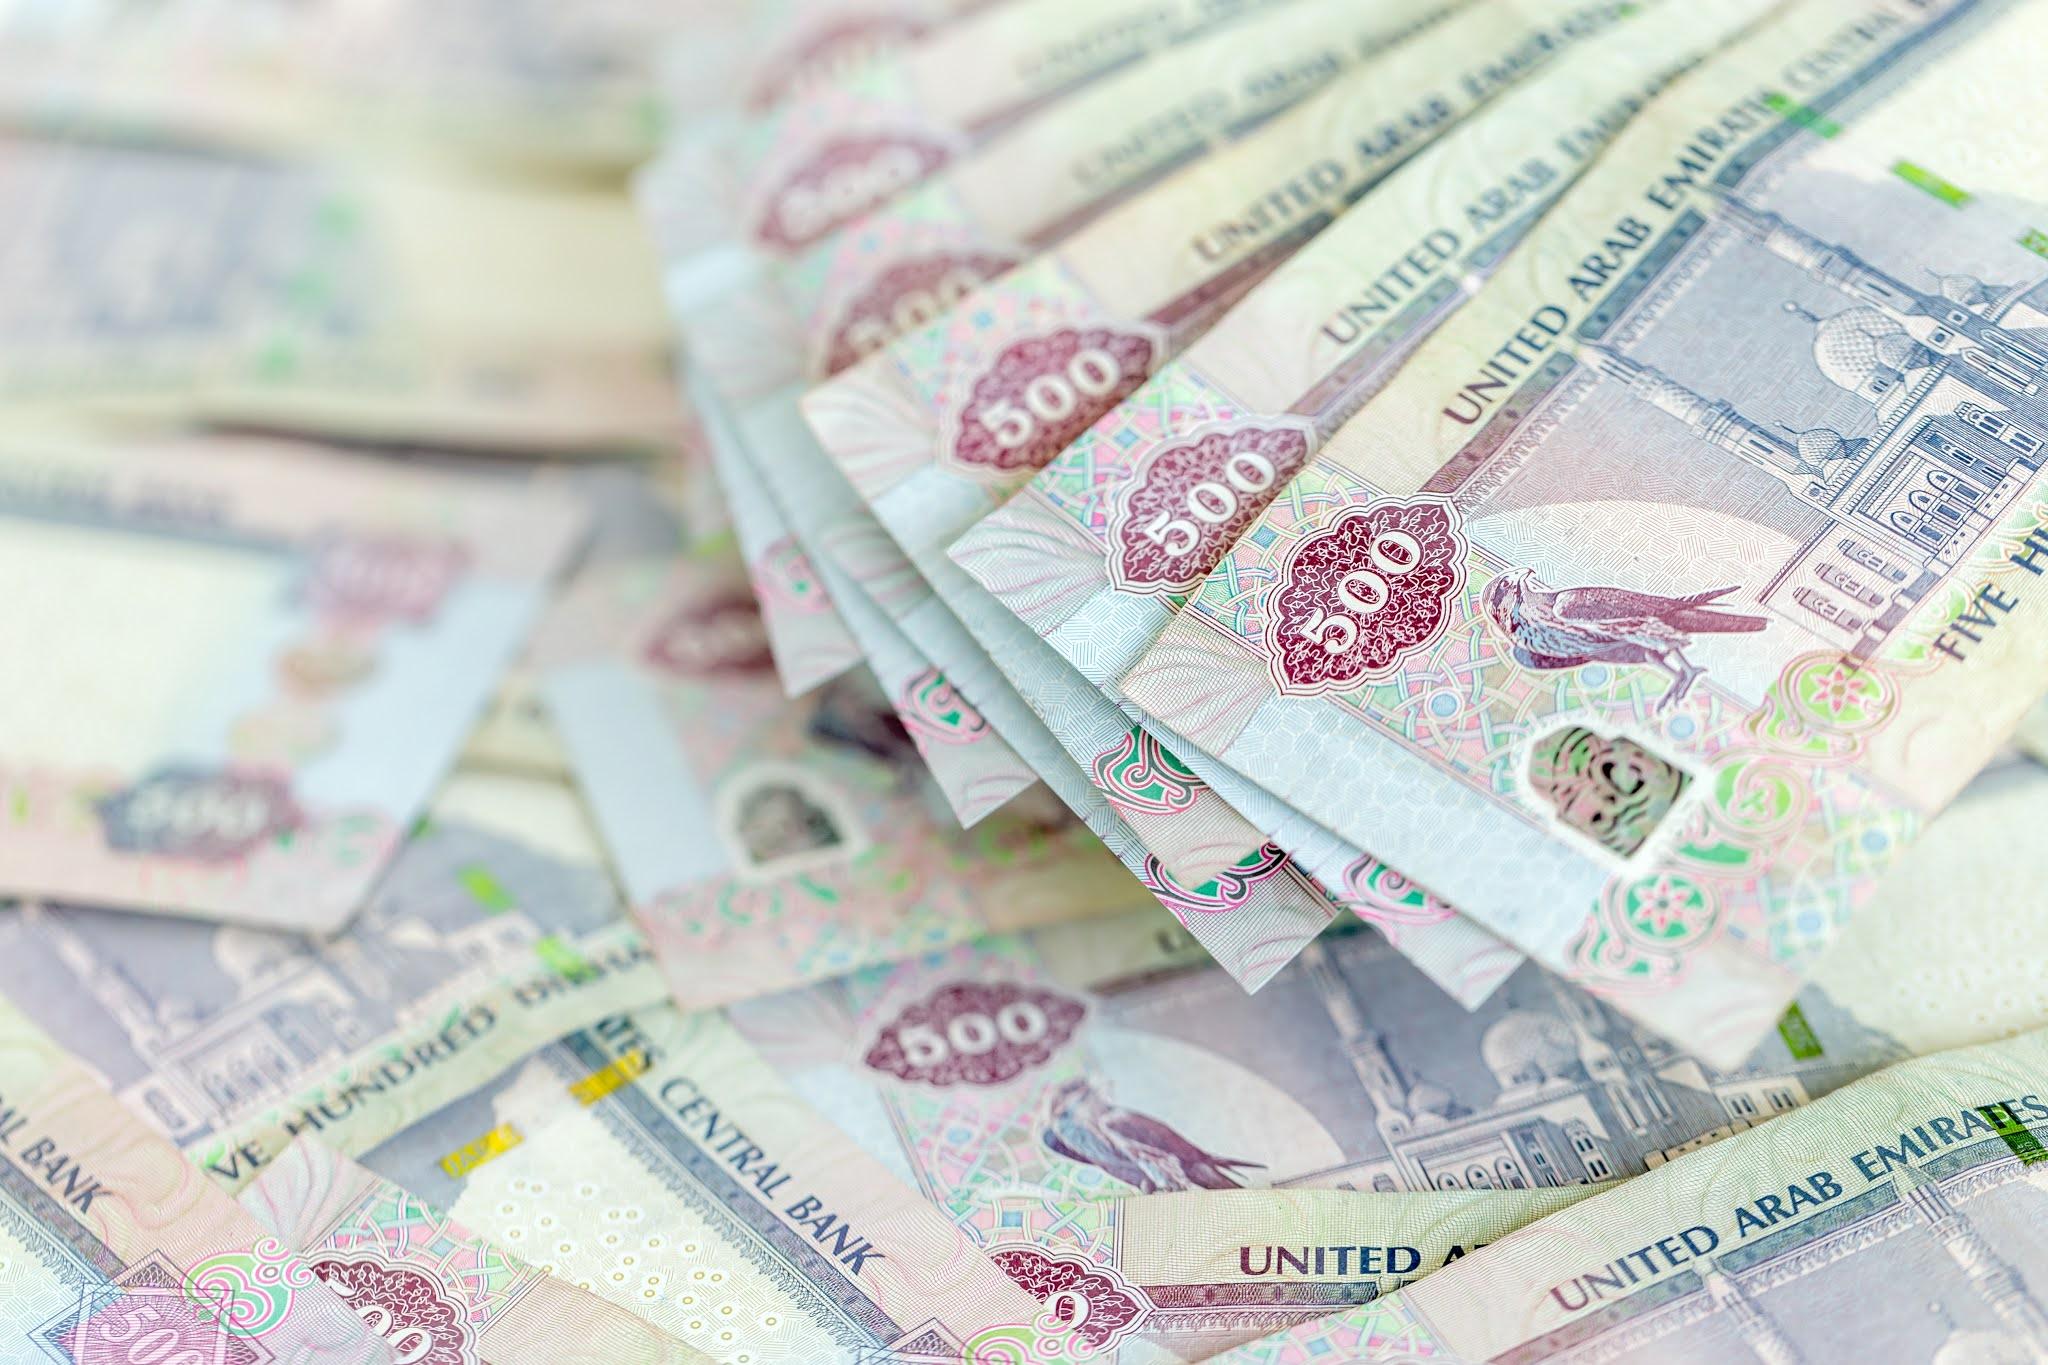 """192 مليون درهم قيمة الحوافز الاقتصادية لموسسة """"محمد بن راشد لتنمية المشاريع"""" في 2020"""